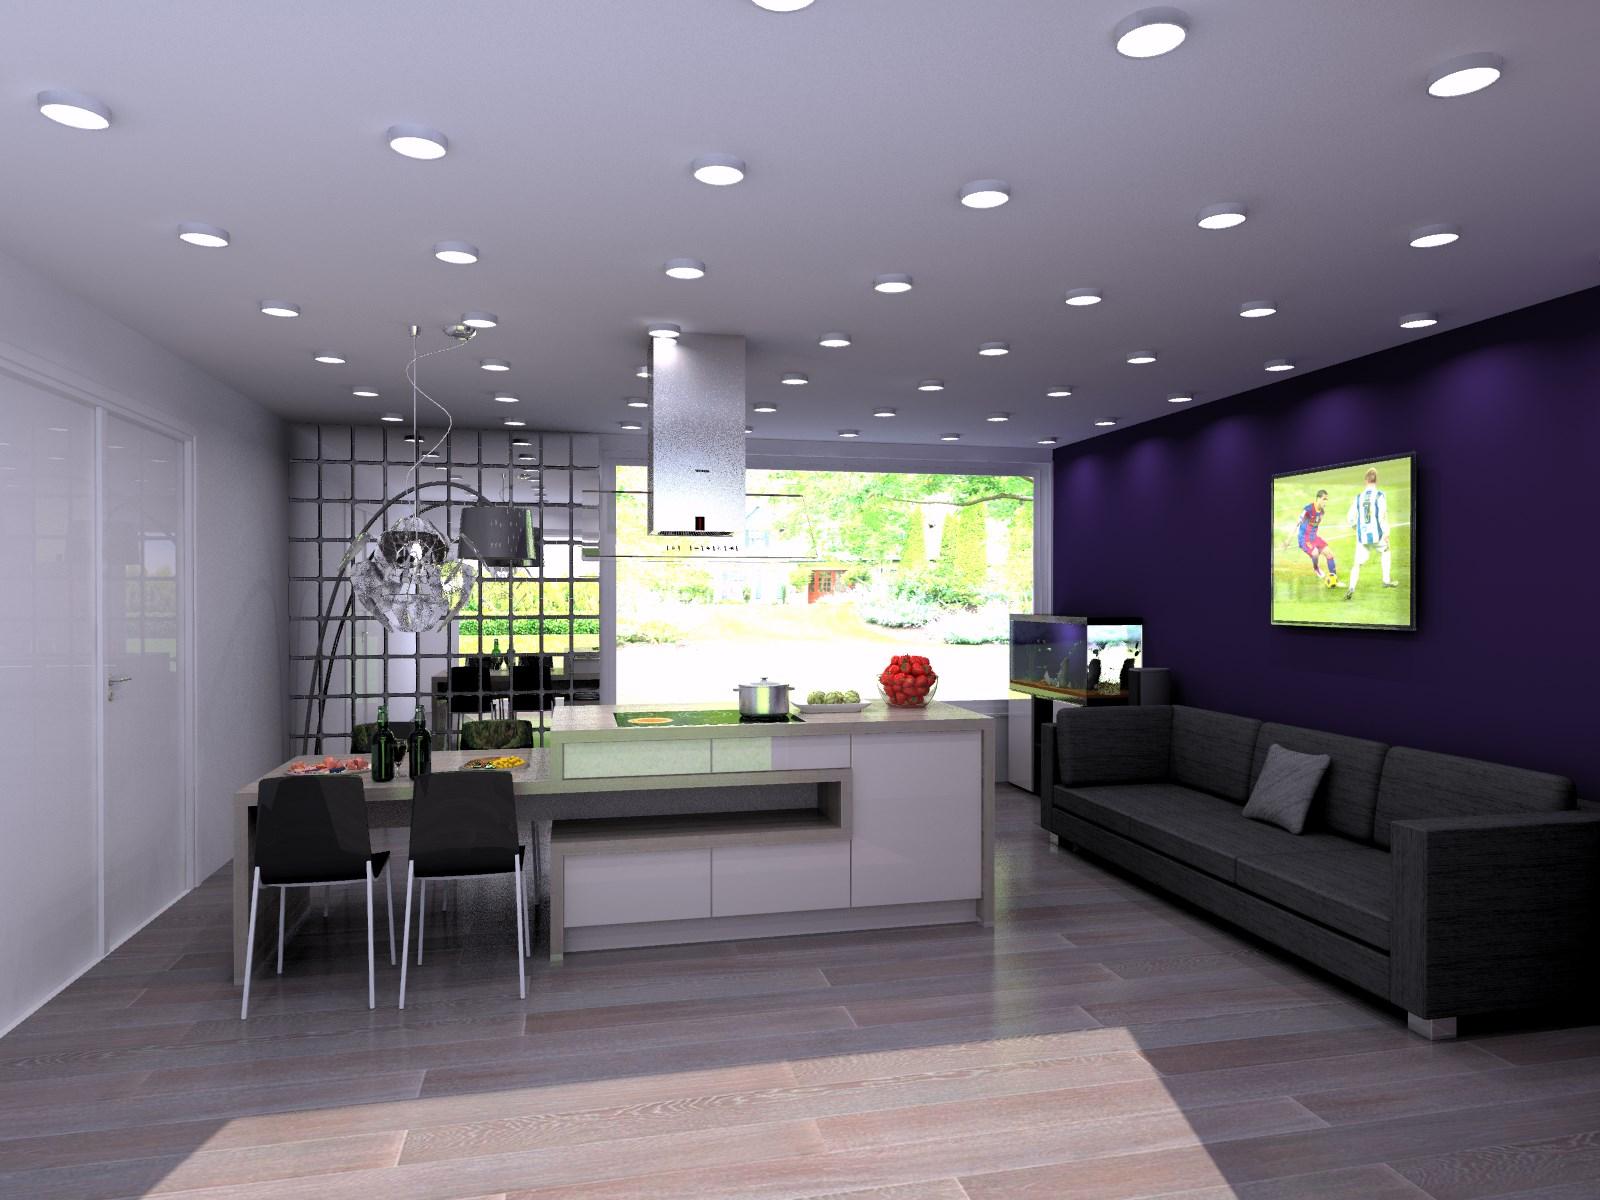 Buc t rie tip living la 2 500 de euro - Nolte home studio ...